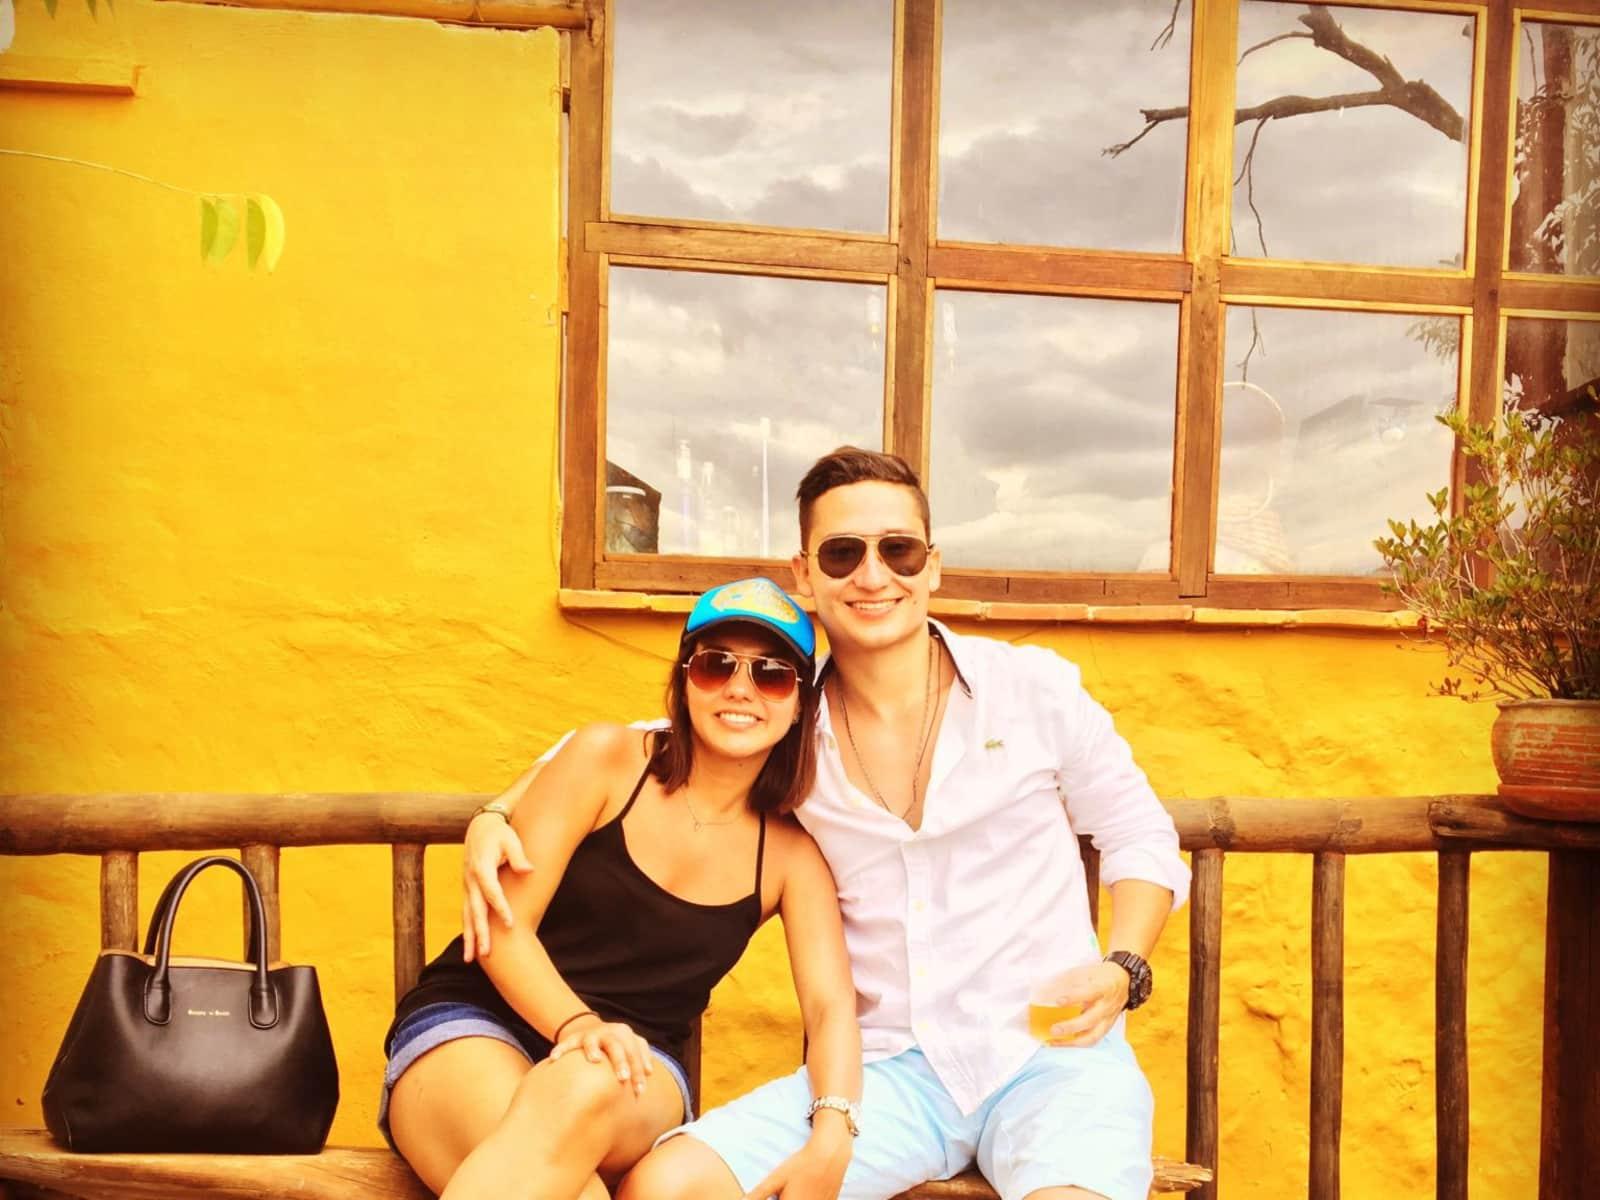 Carolina & Antonio from Sydney, New South Wales, Australia